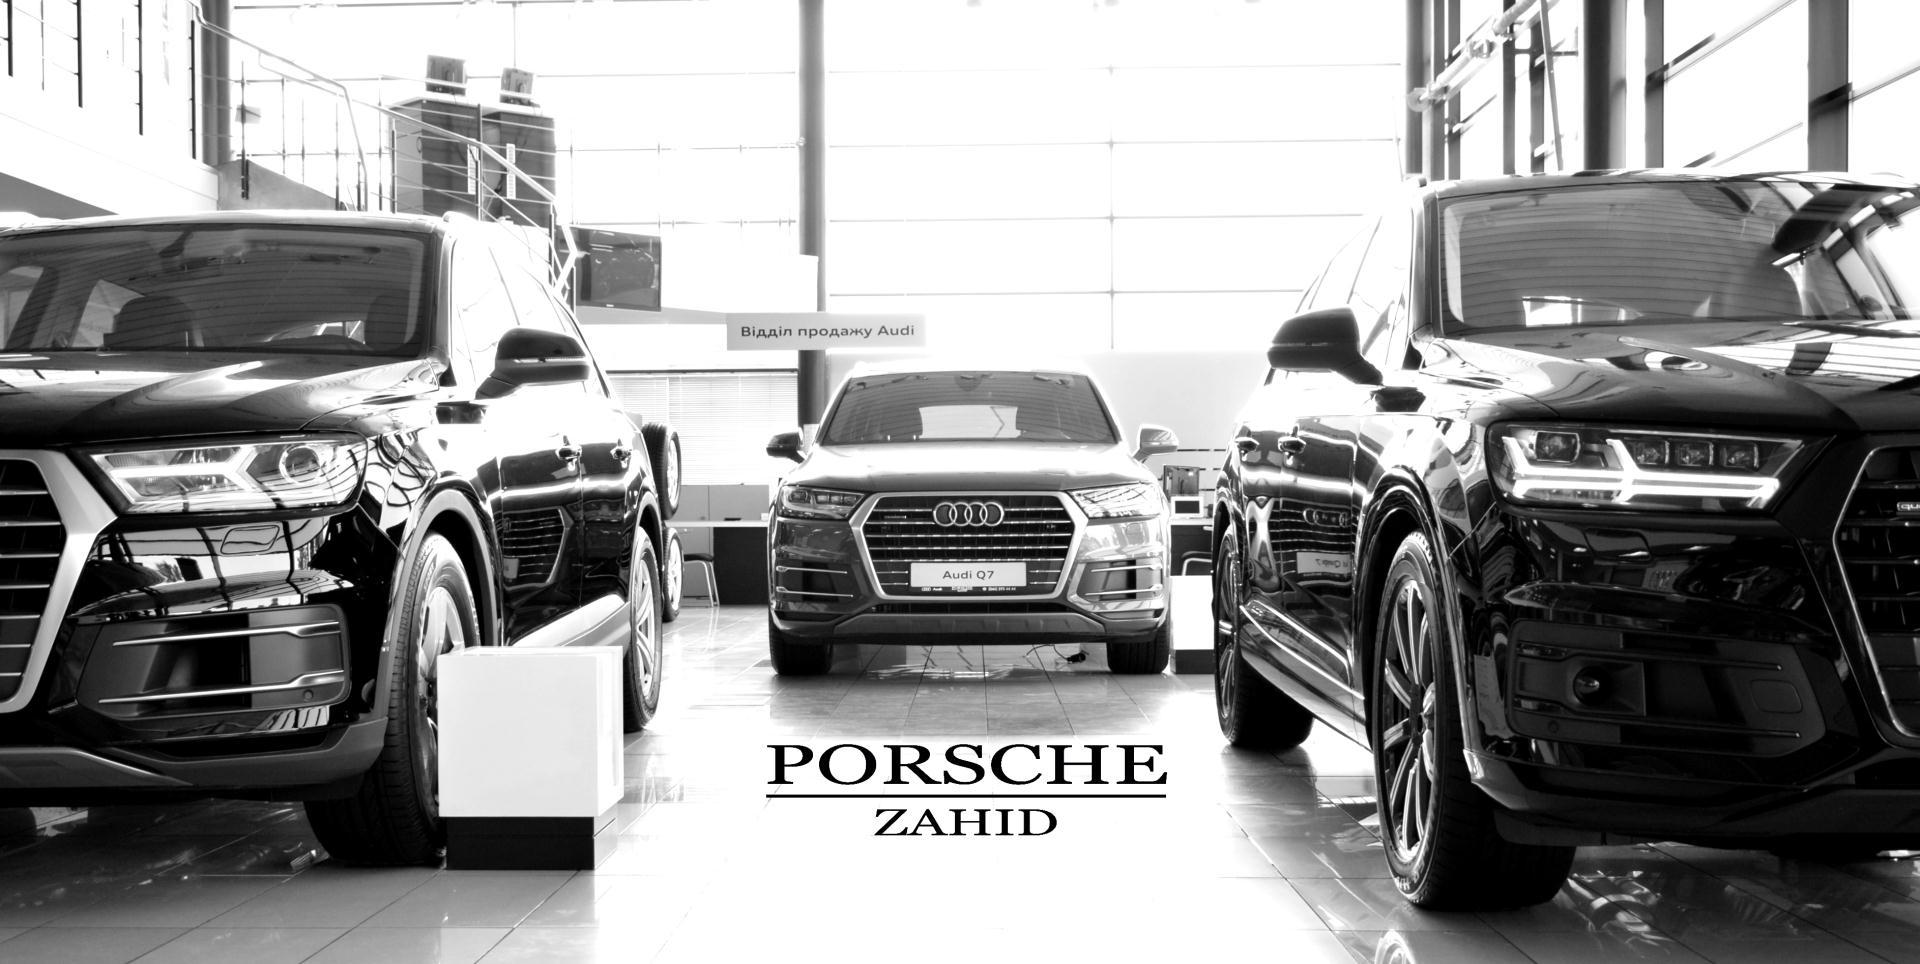 Porsche Zahid